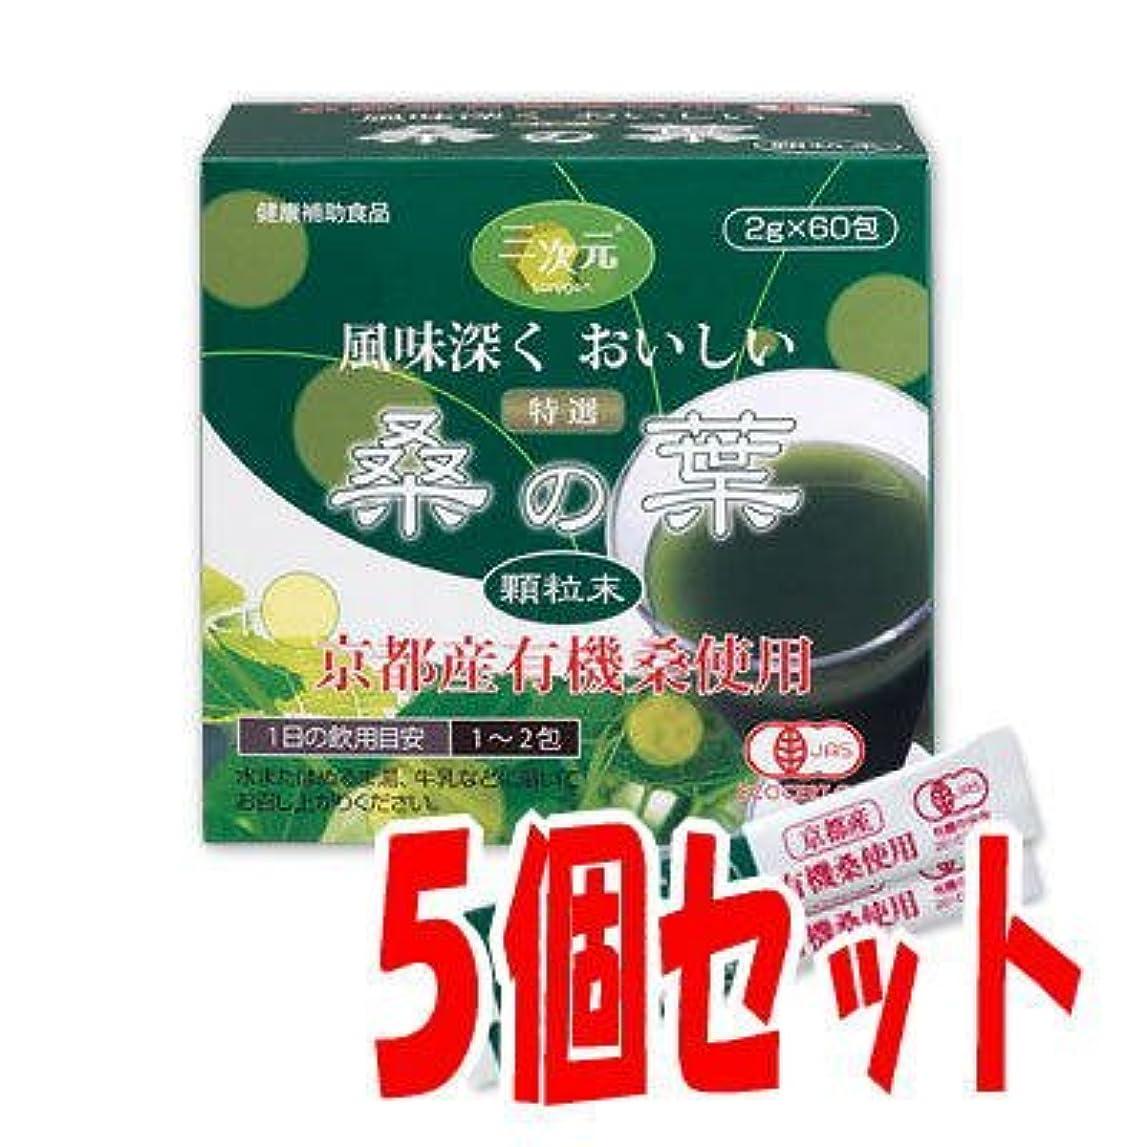 有用不利益しなやかな特選 桑の葉 顆粒末(60包) 5個